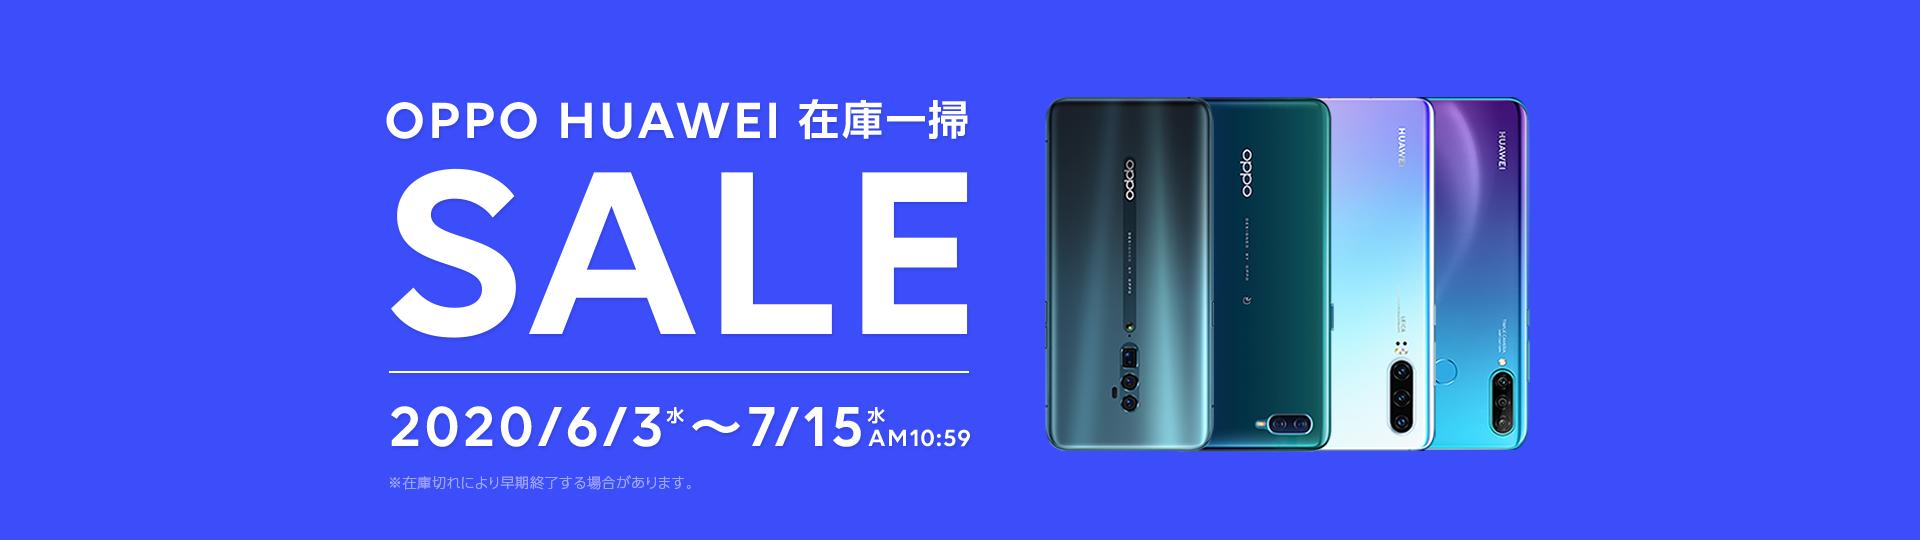 LINEモバイル新規契約で7000円相当バック、更に抽選で3000円相当が当たる。Huawei、OPPO在庫一掃セールも実施中。6/3~。